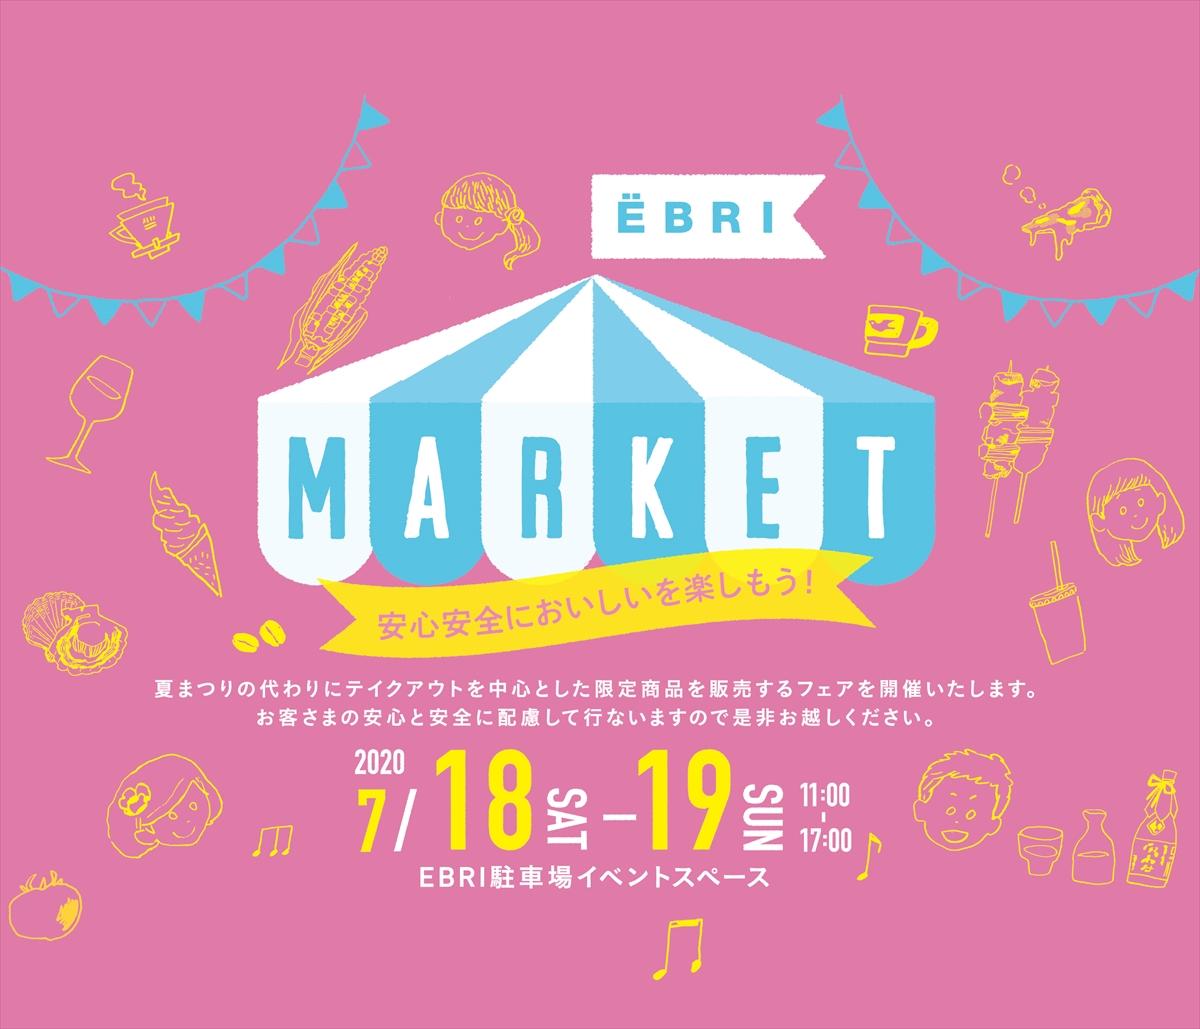 エブリマーケット2020